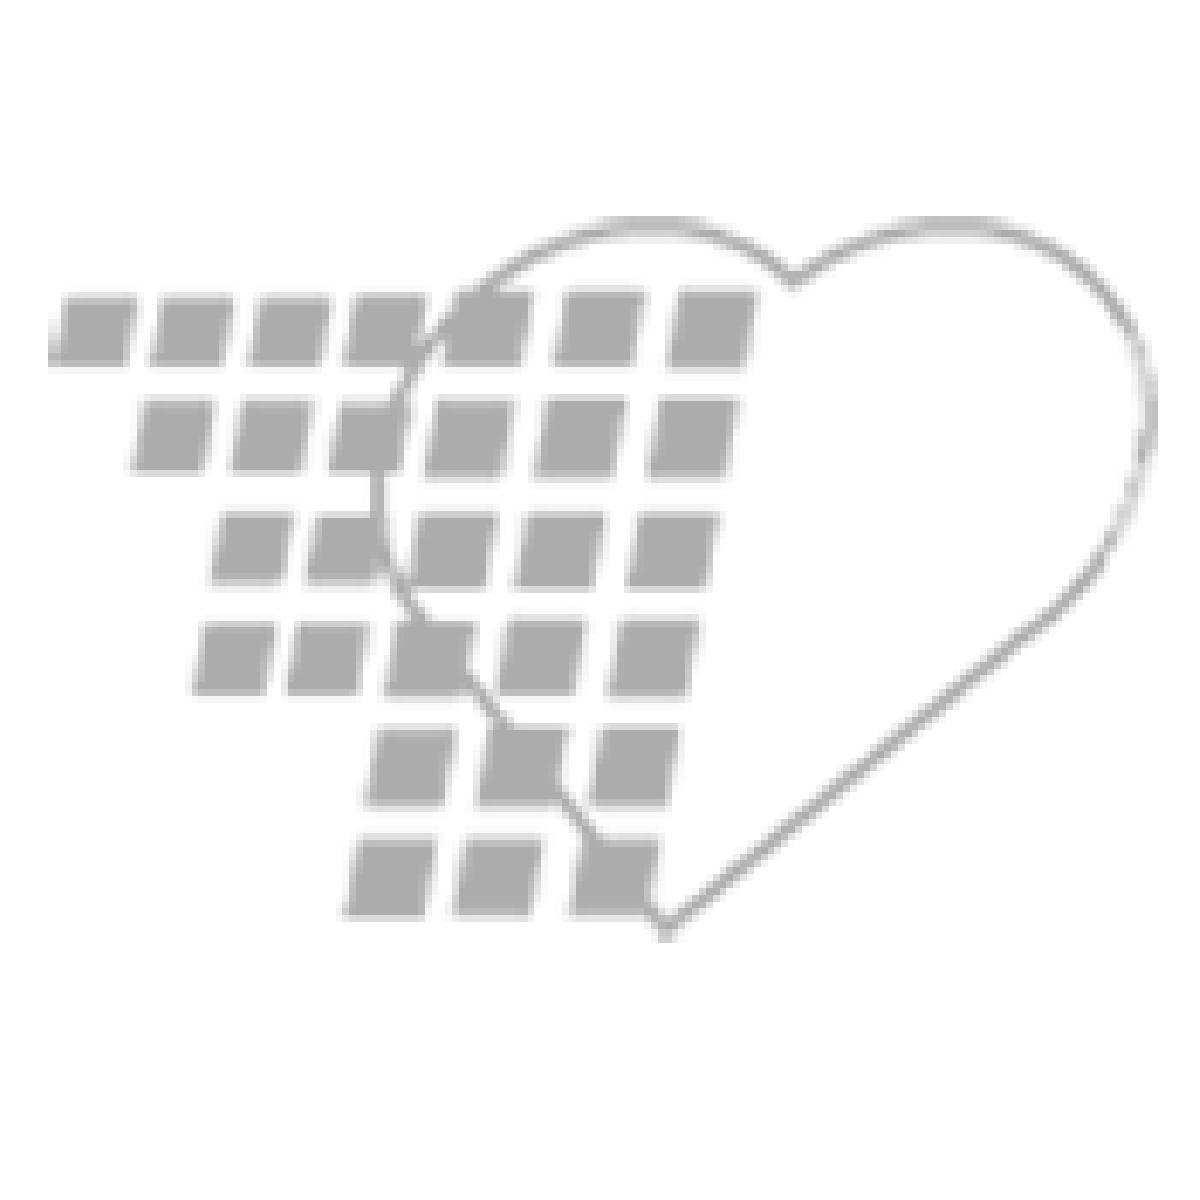 02-43-01 - Heartsine Samaritan® Adult Pad-Pak